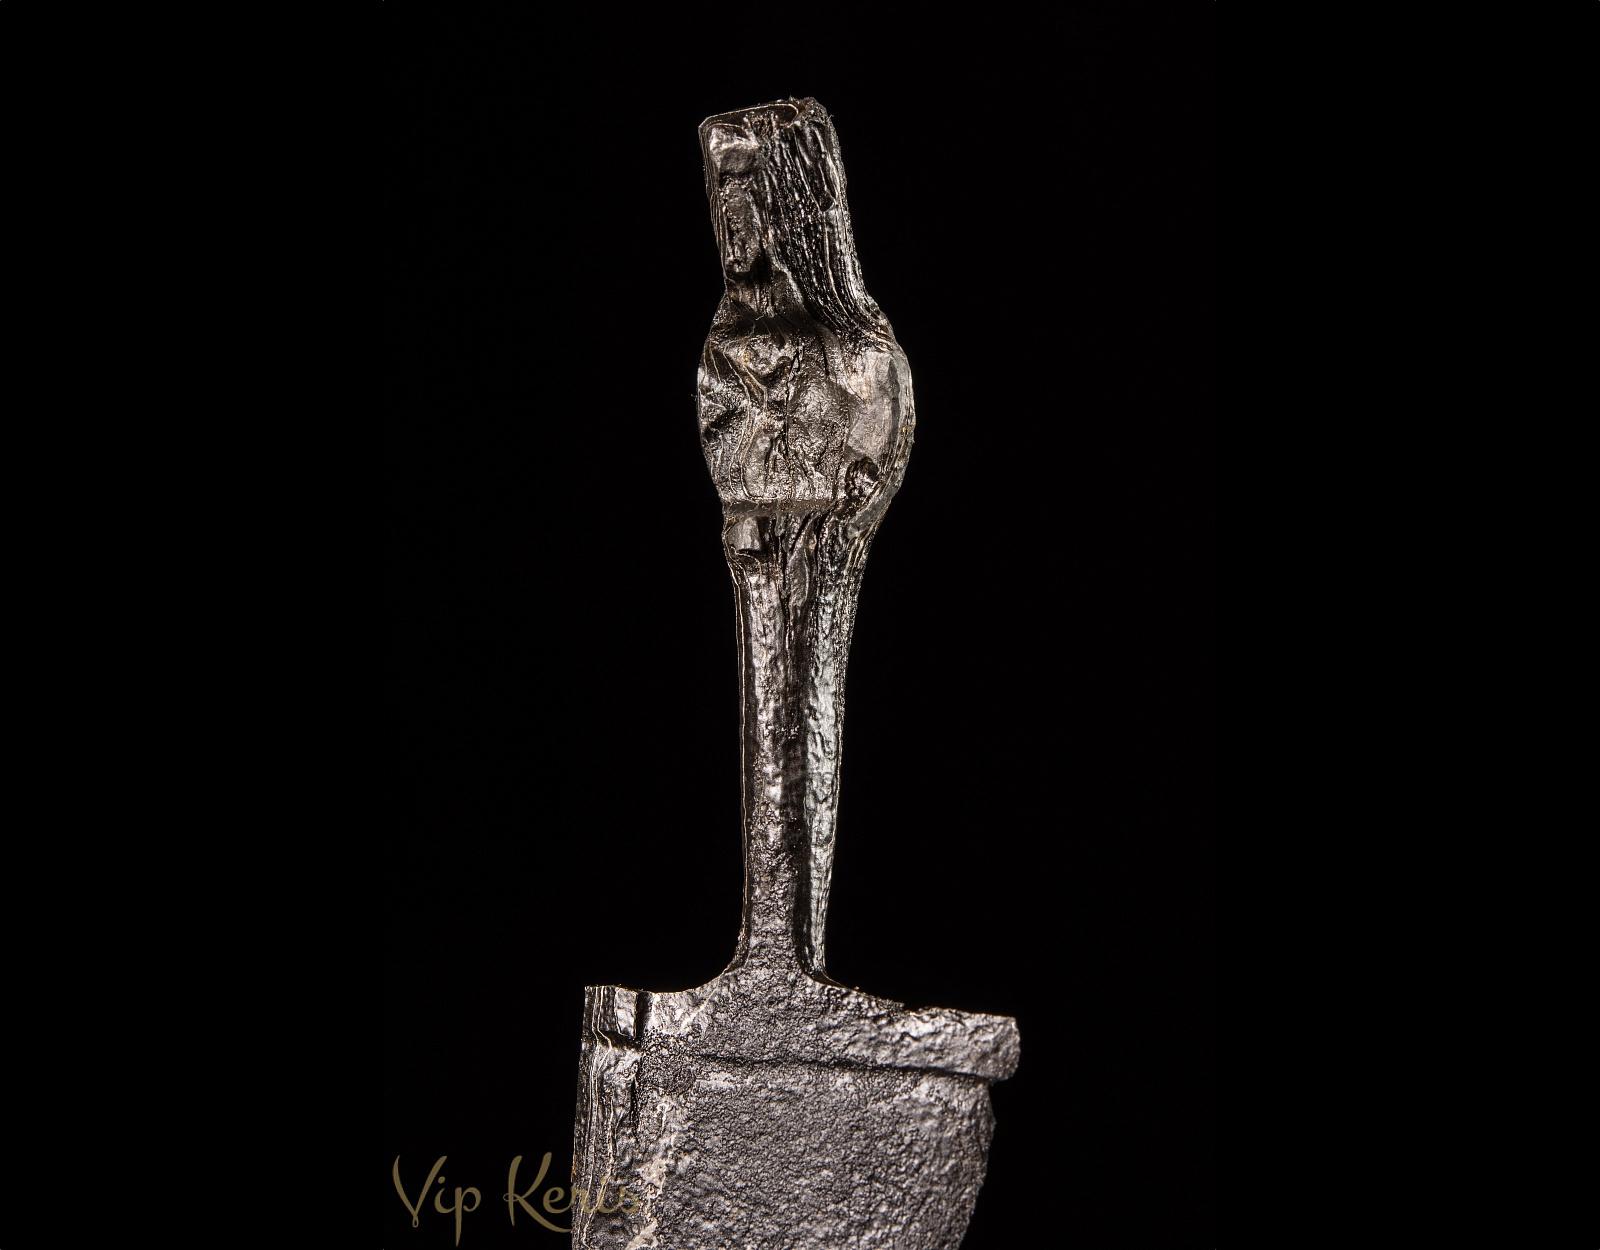 Нож Крис Sajen Иньский  фото VipKeris